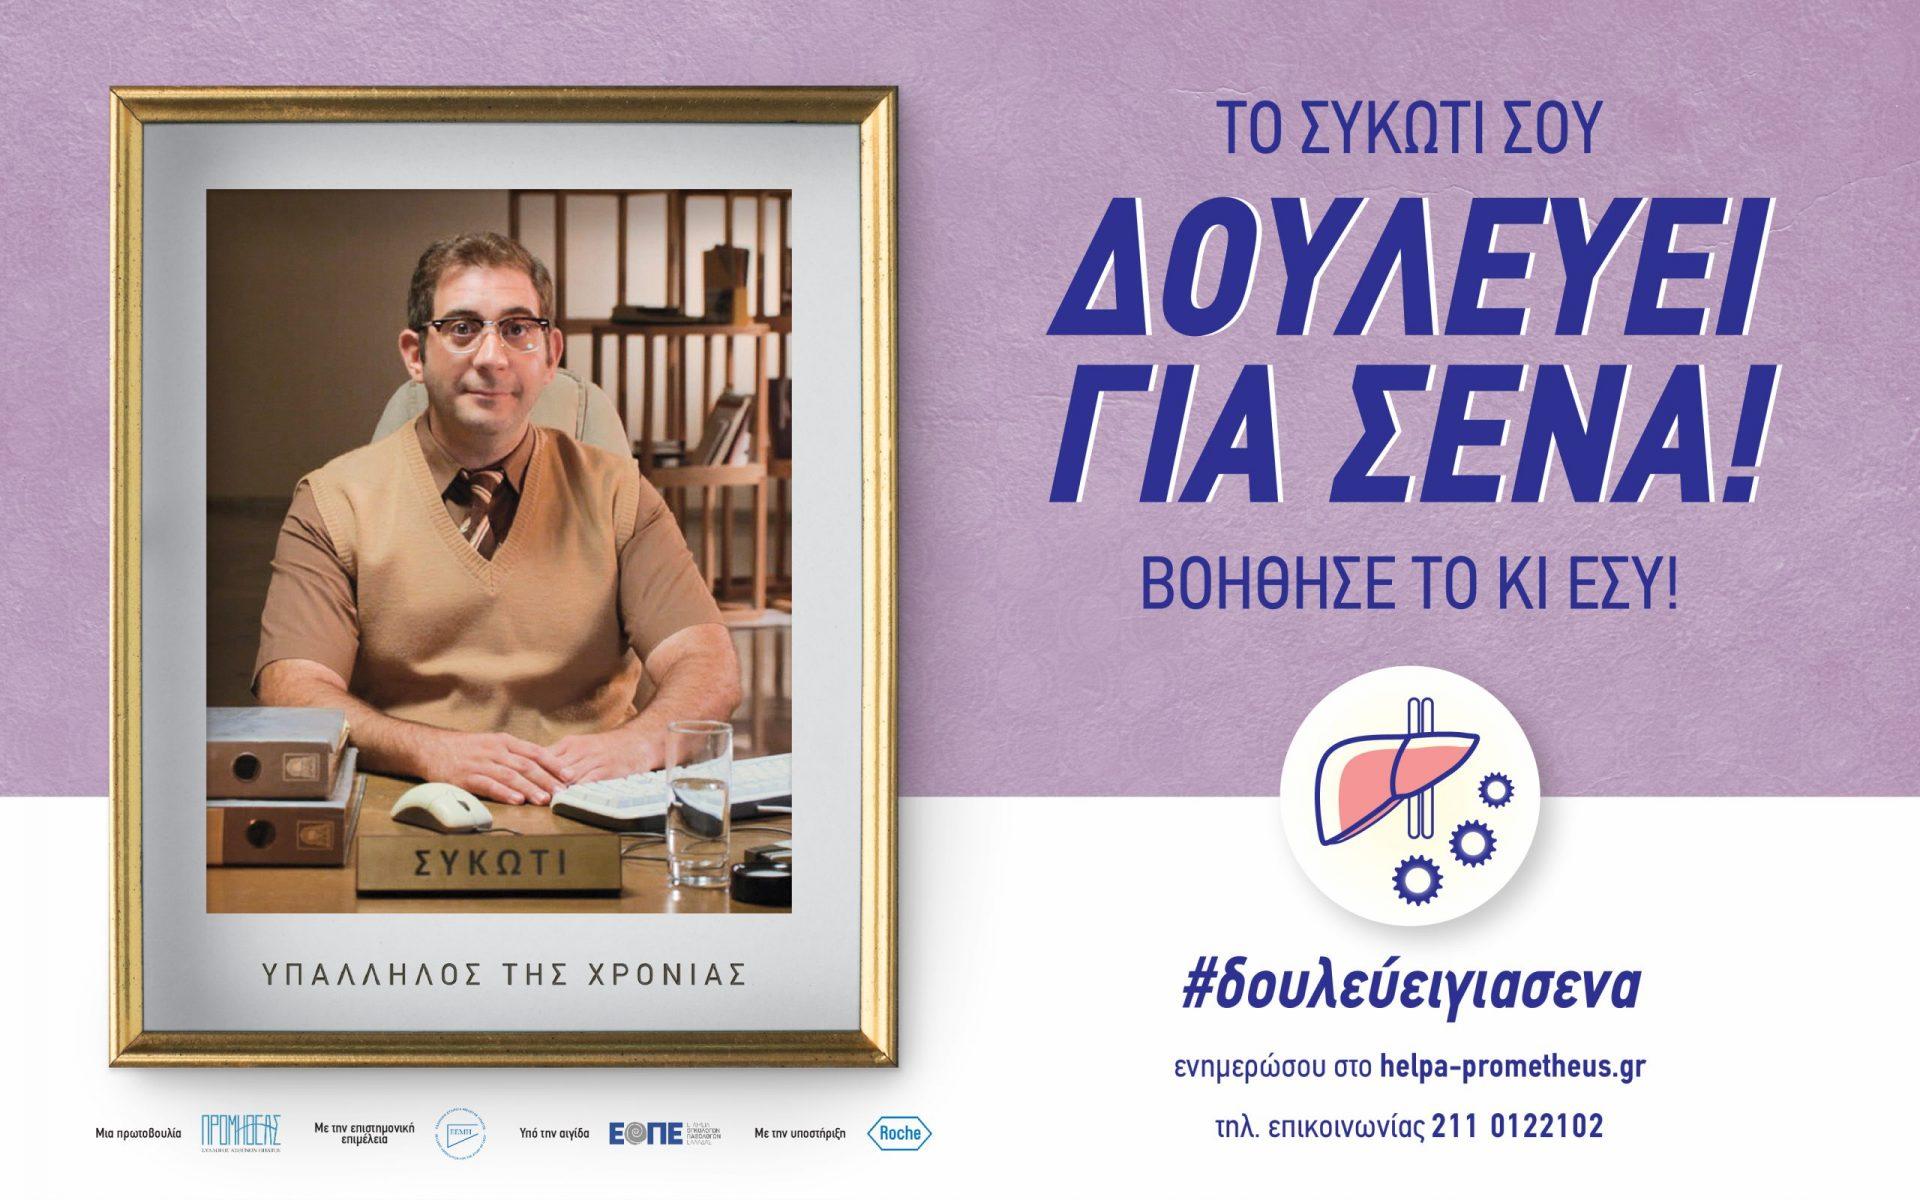 Σύλλογος Ασθενών Ήπατος Ελλάδος Προμηθέας: Νέα ενημερωτική εκστρατεία για τον Καρκίνο του Ήπατος